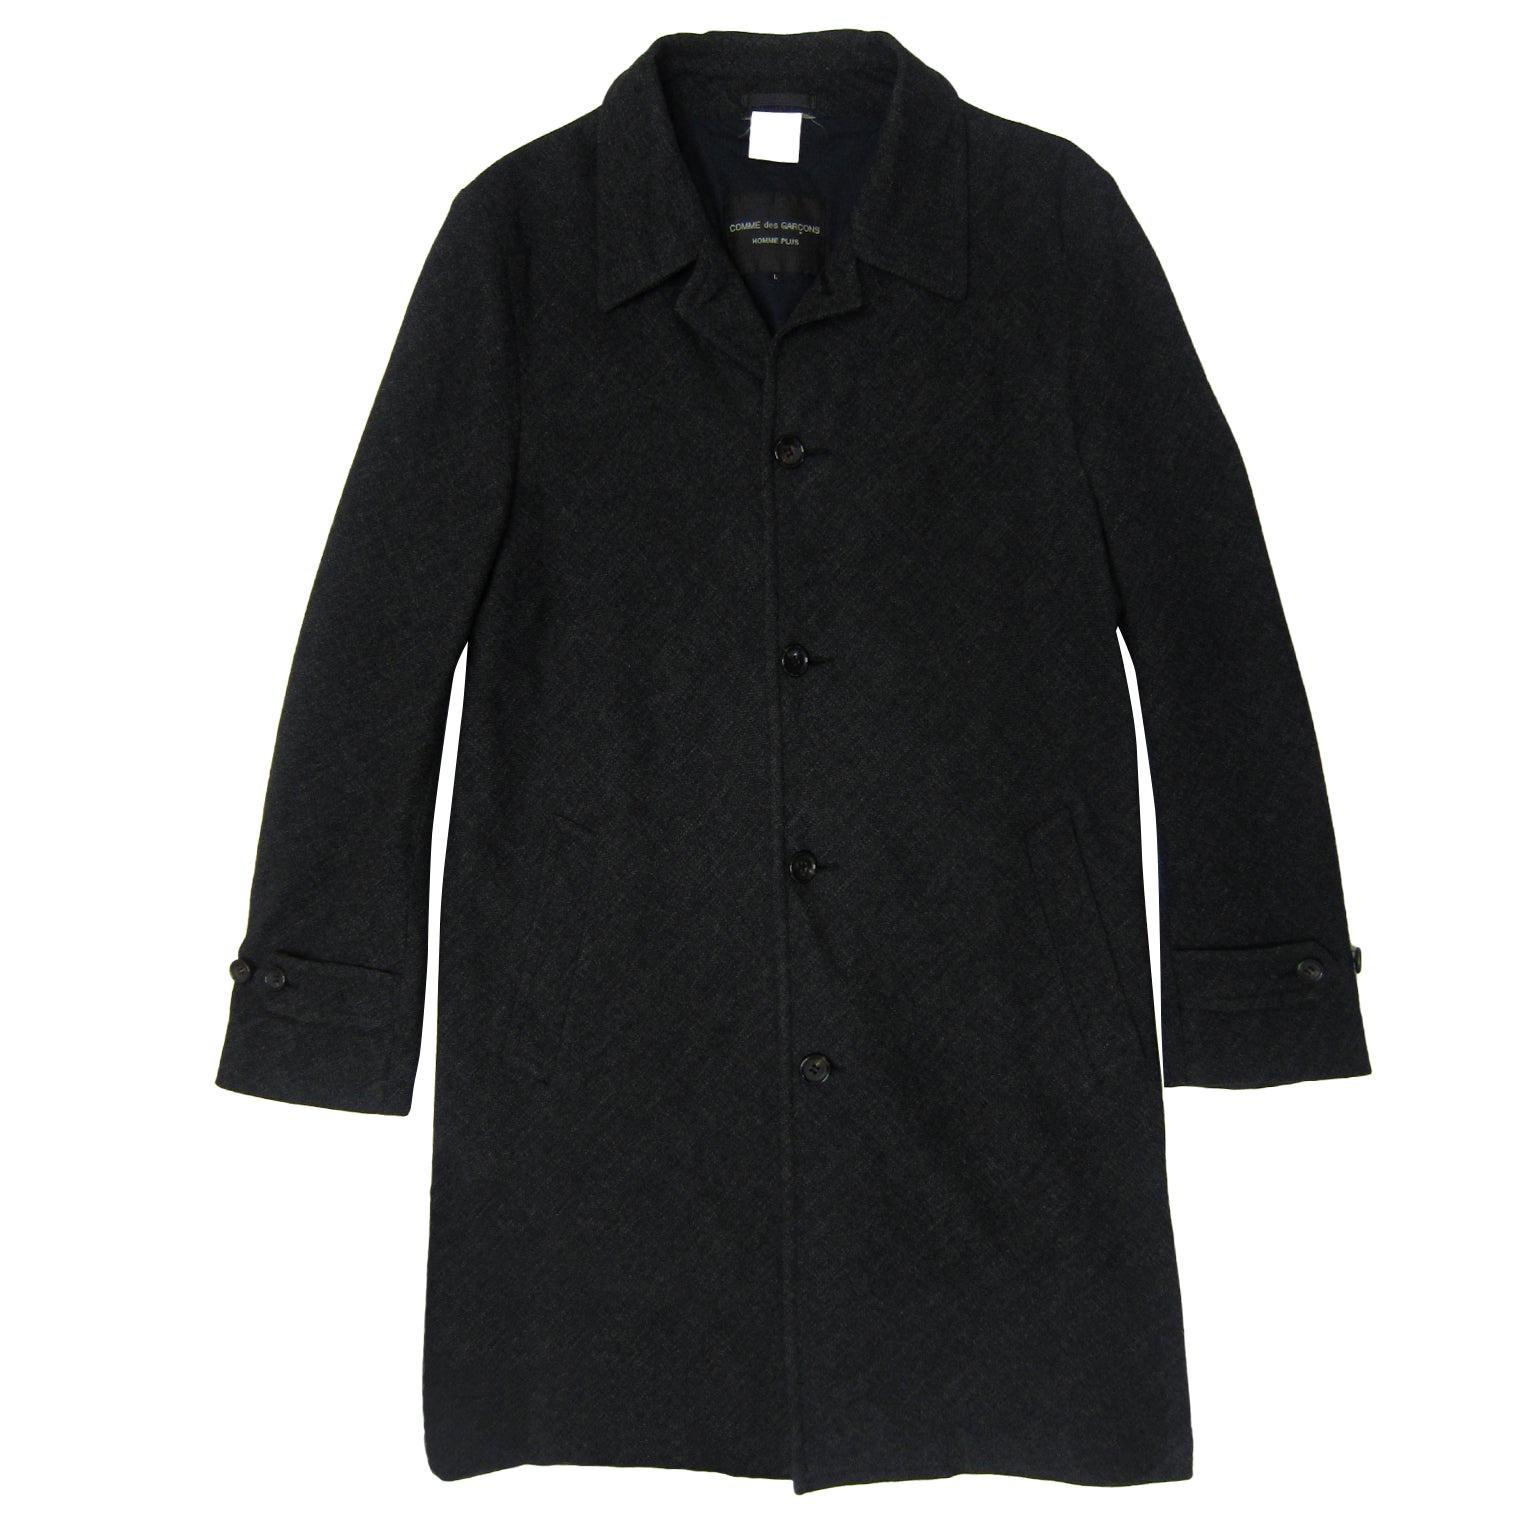 Comme des Garcons Homme Plus Bias Coat AD 1997